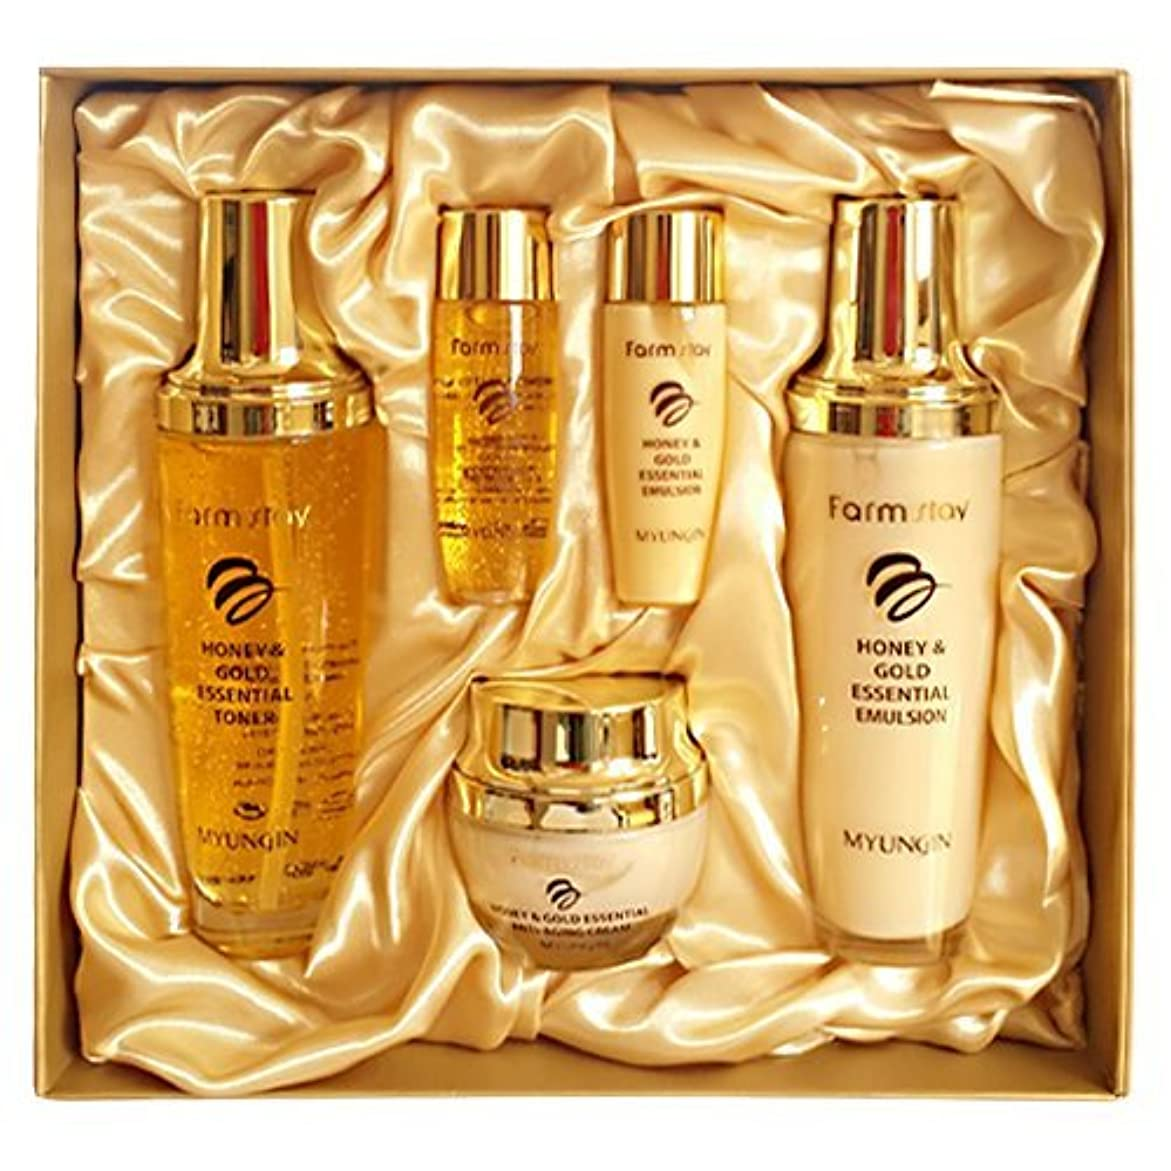 ファームステイ[韓国コスメFarm Stay]Honey & Gold Essential Skin Care 3set ハニーゴールドエッセンシャルスキンケア3セット [並行輸入品]